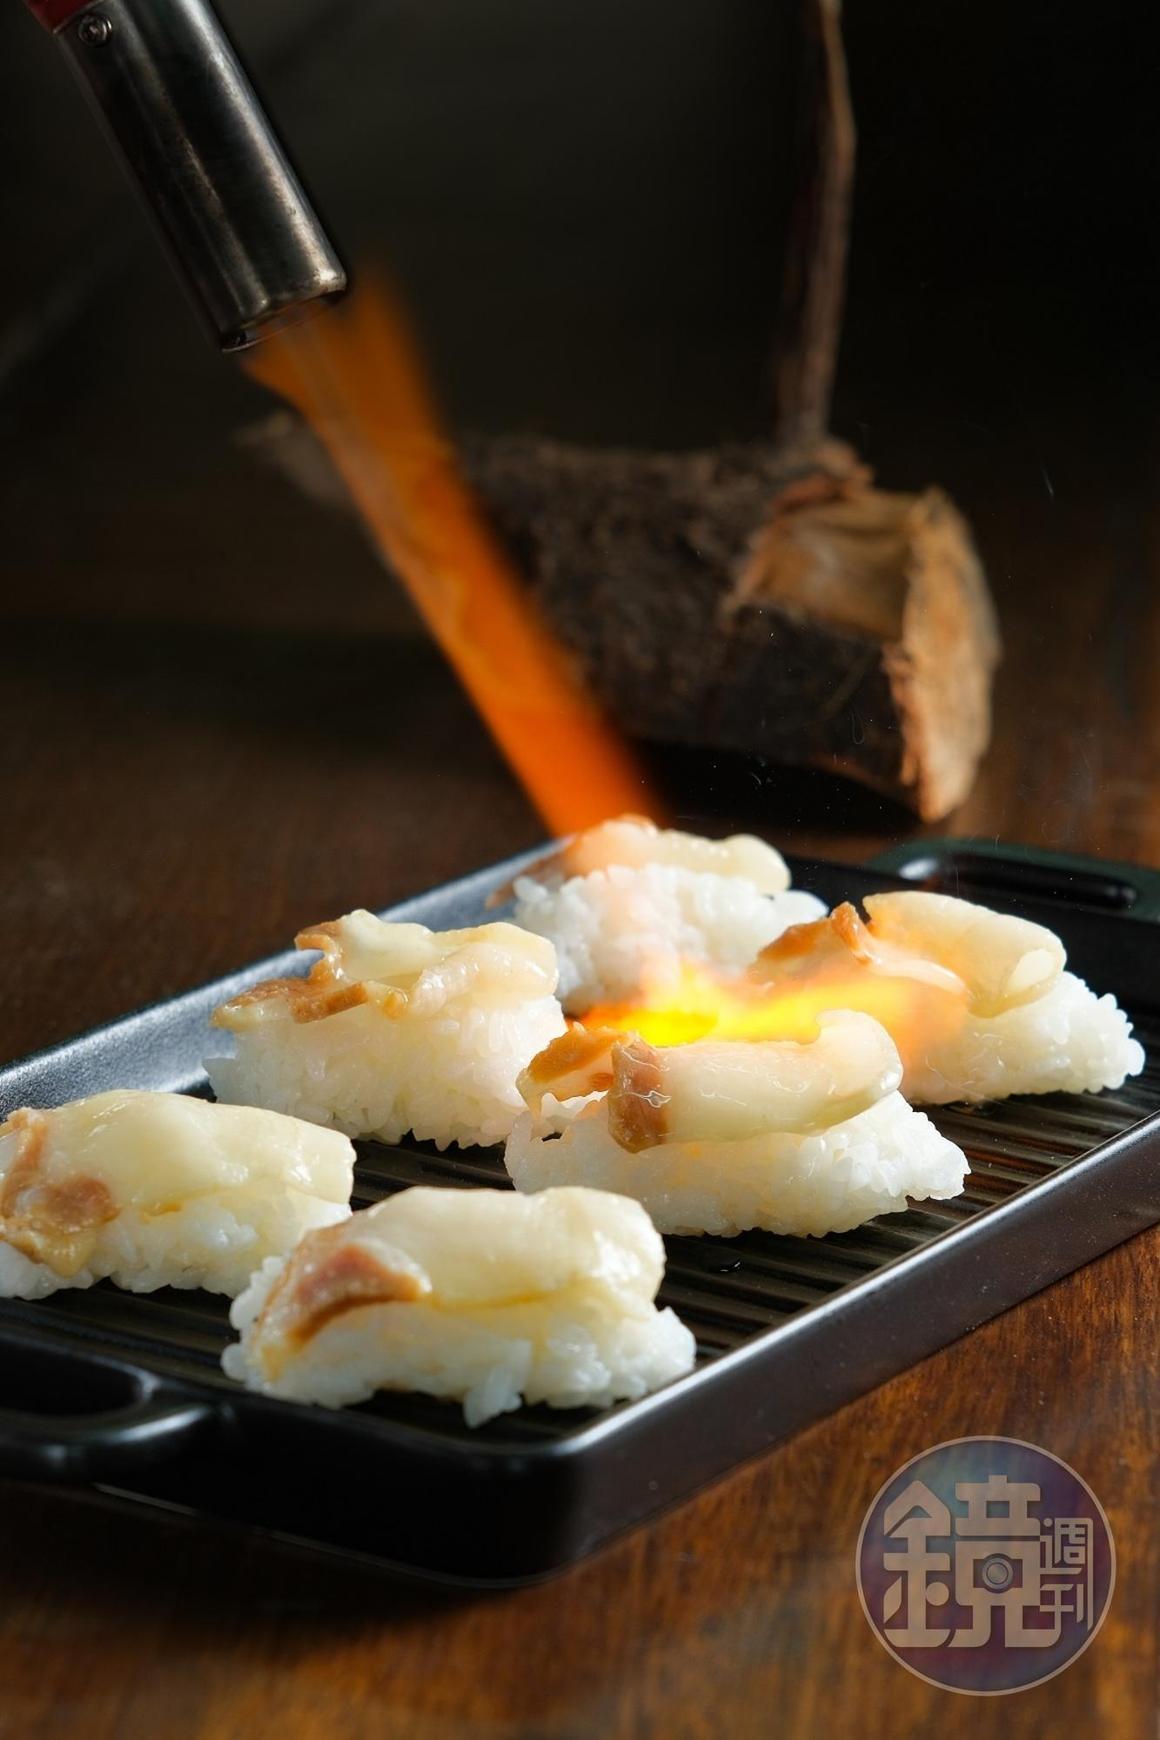 將傳統醃豬肉加以改良為「炙燒Silaw」。(500元套餐菜色)